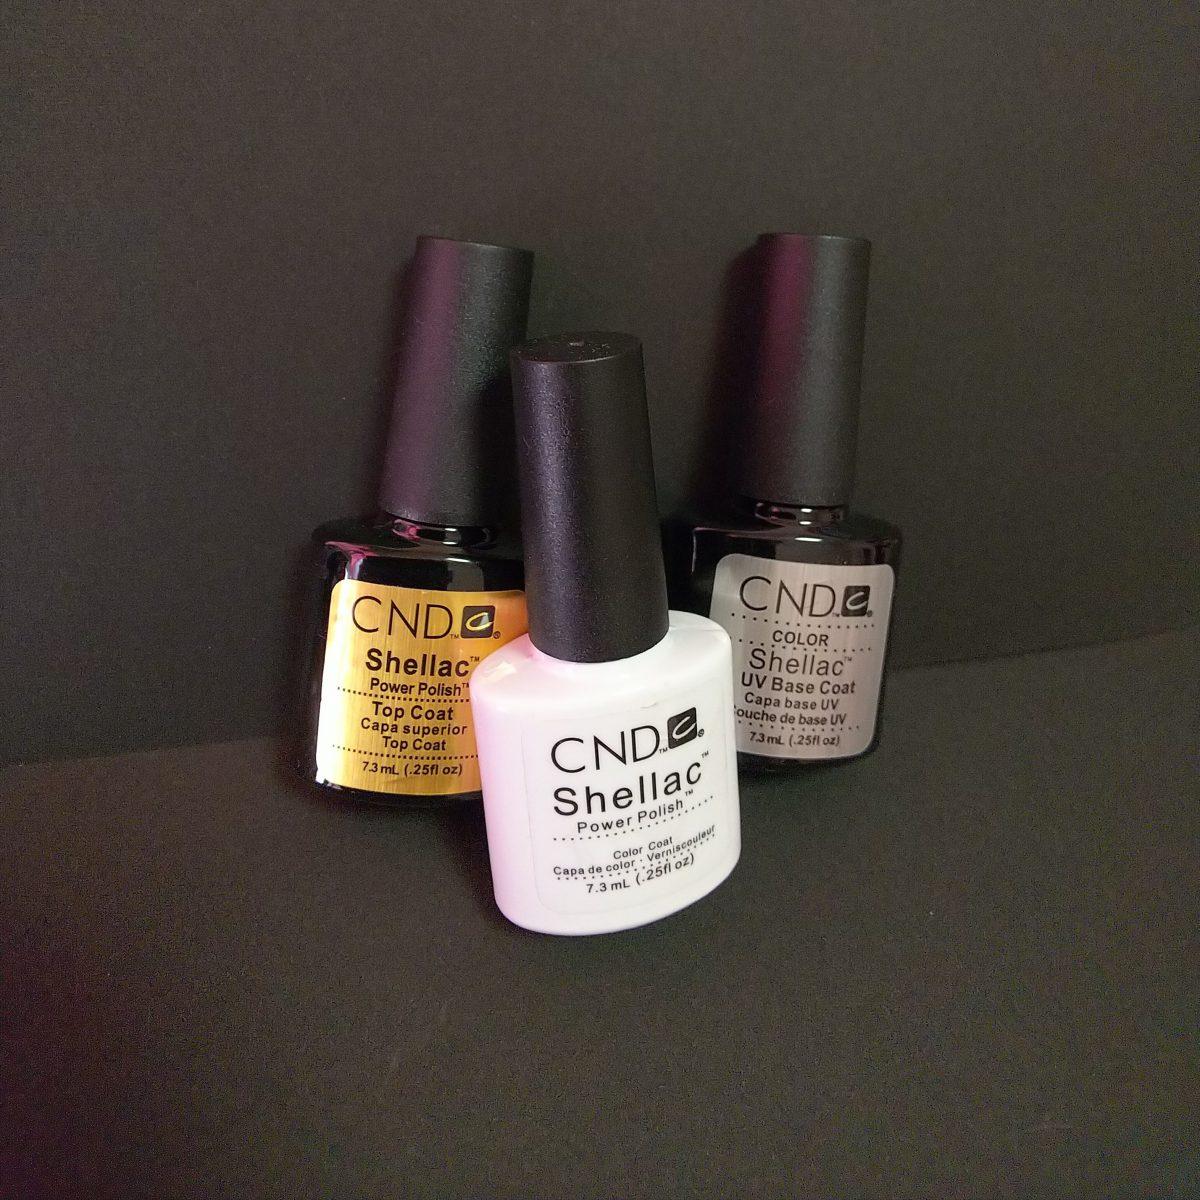 爪への負担を考えつつ楽もしたい!CND Shllac power polish